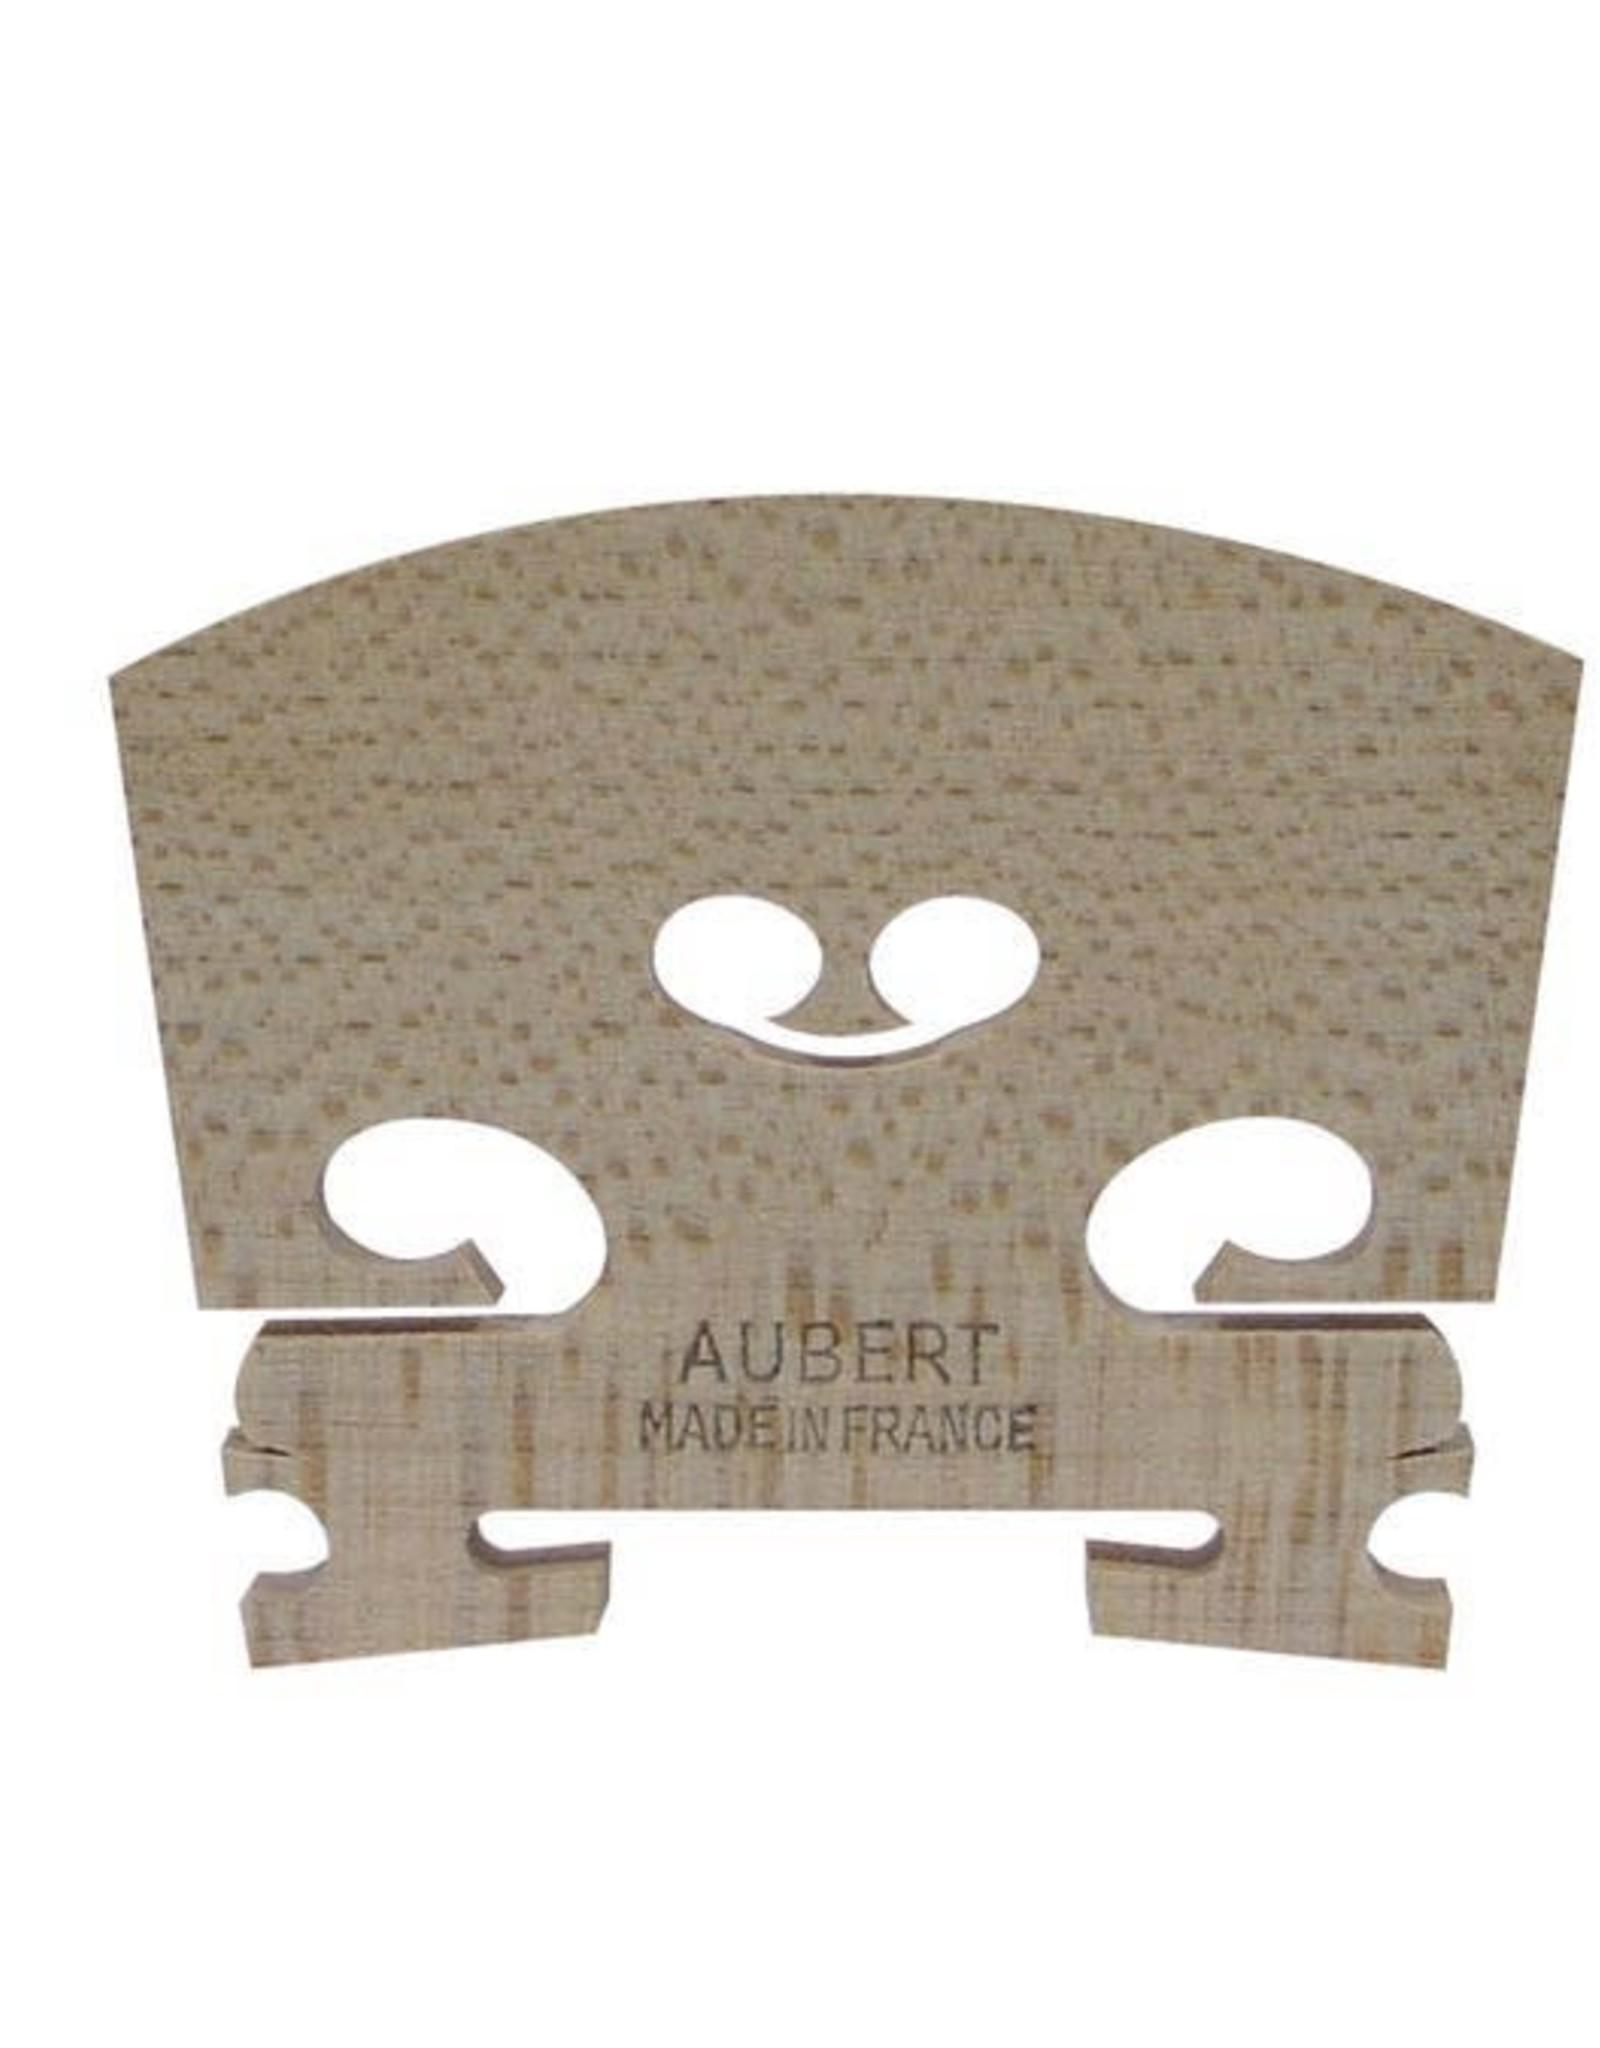 kam viool 4/4 Aubert a Mirecourt, behandeld hout v-5